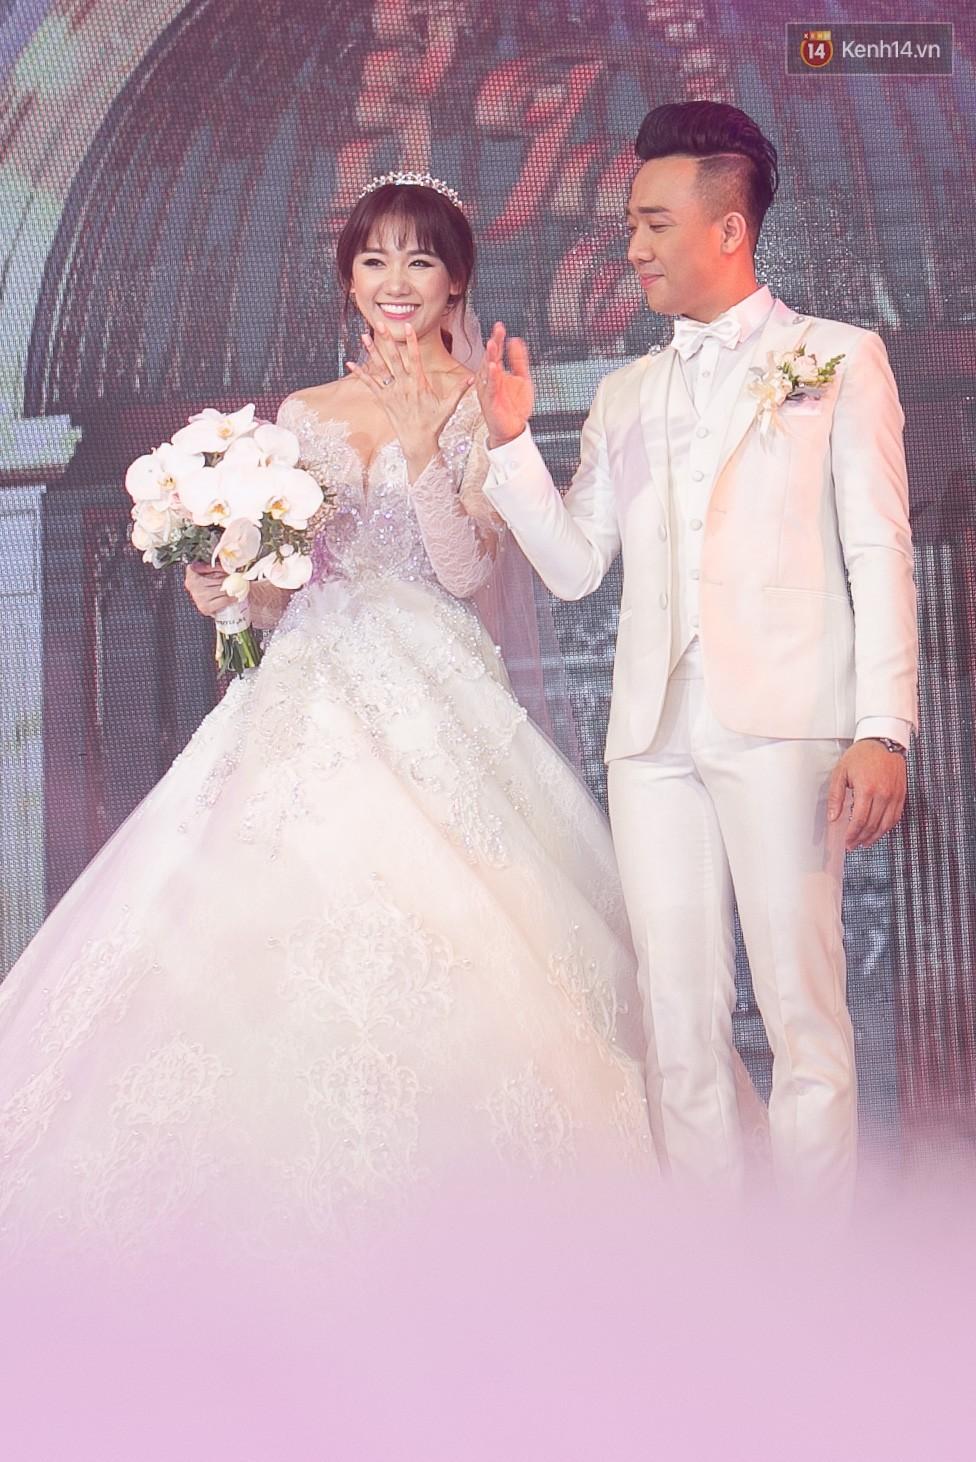 Cường Đô La - Đàm Thu Trang không phục vụ trẻ em dưới 5 tuổi và loạt quy định ngặt nghèo của sao Vbiz trong đám cưới - Ảnh 9.